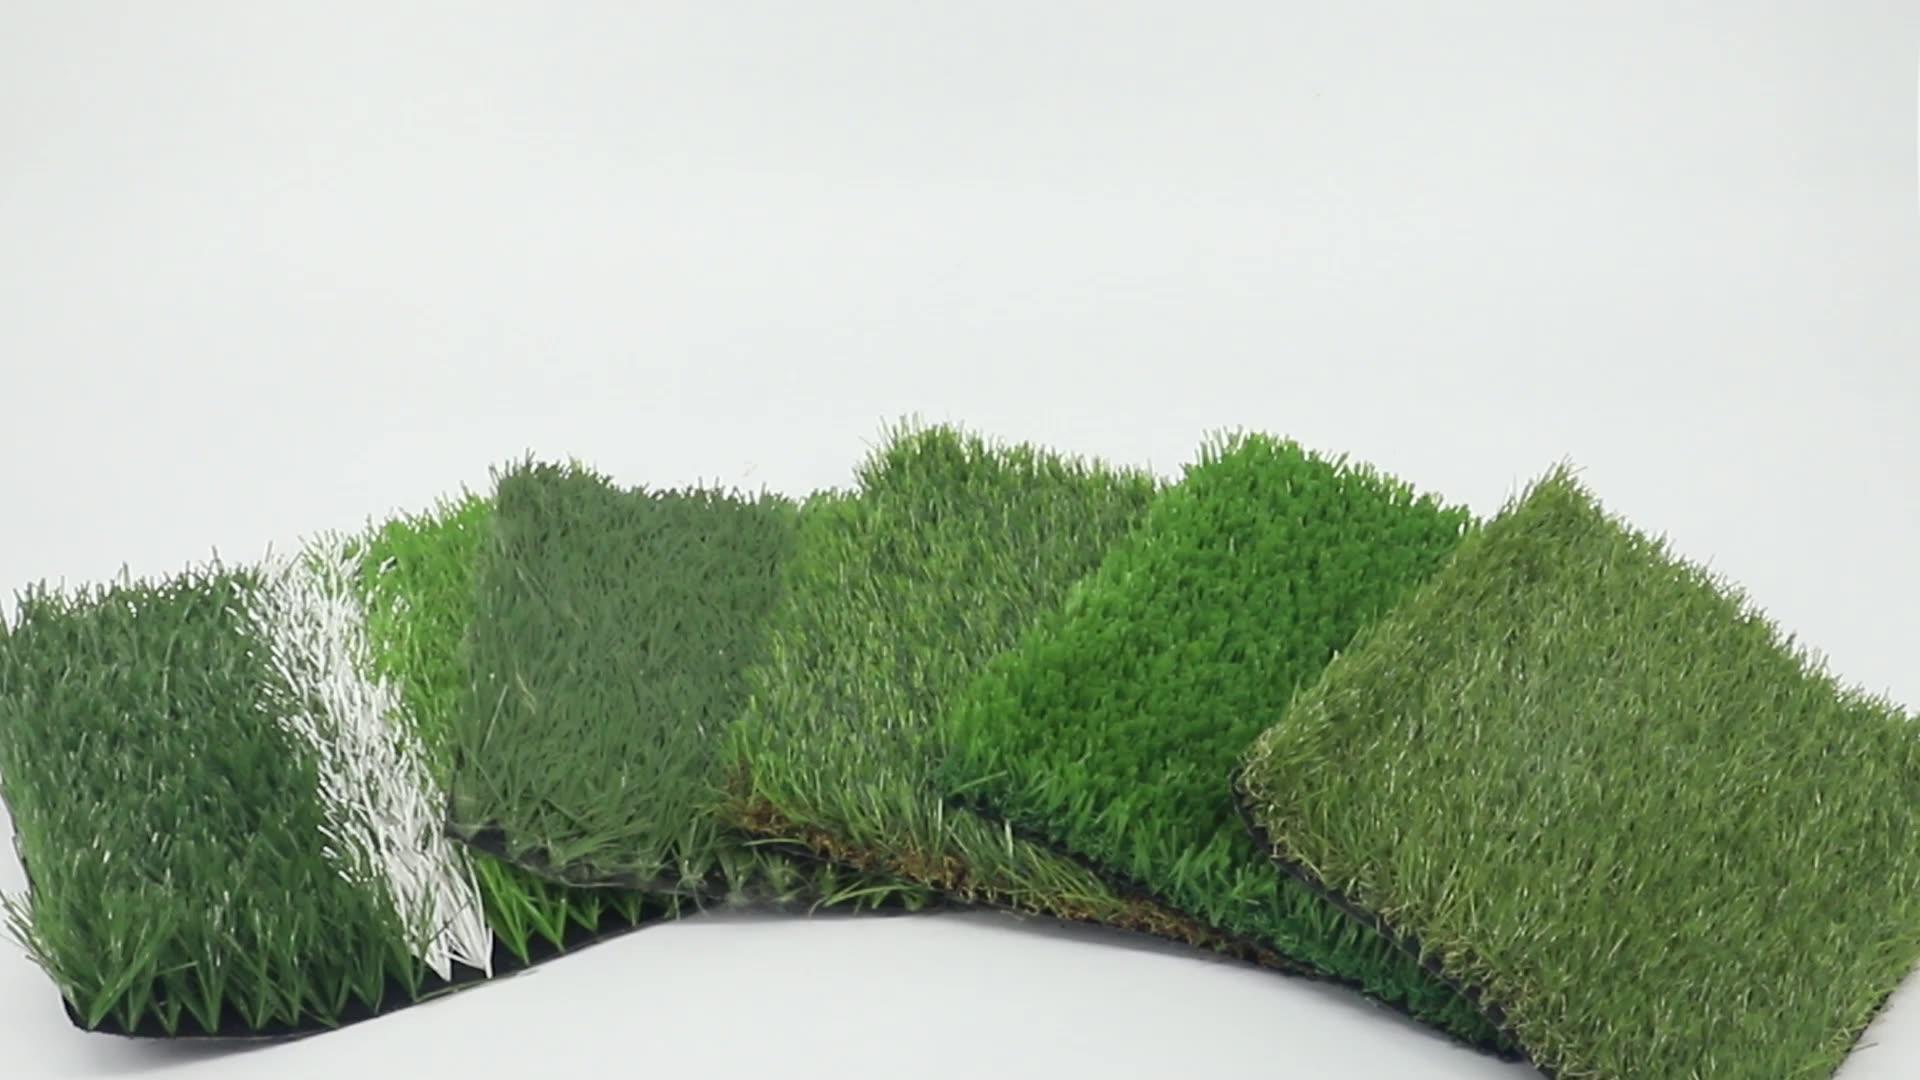 चीनी आपूर्तिकर्ता सिंथेटिक घास टर्फ भूनिर्माण के लिए कृत्रिम घास उद्यान